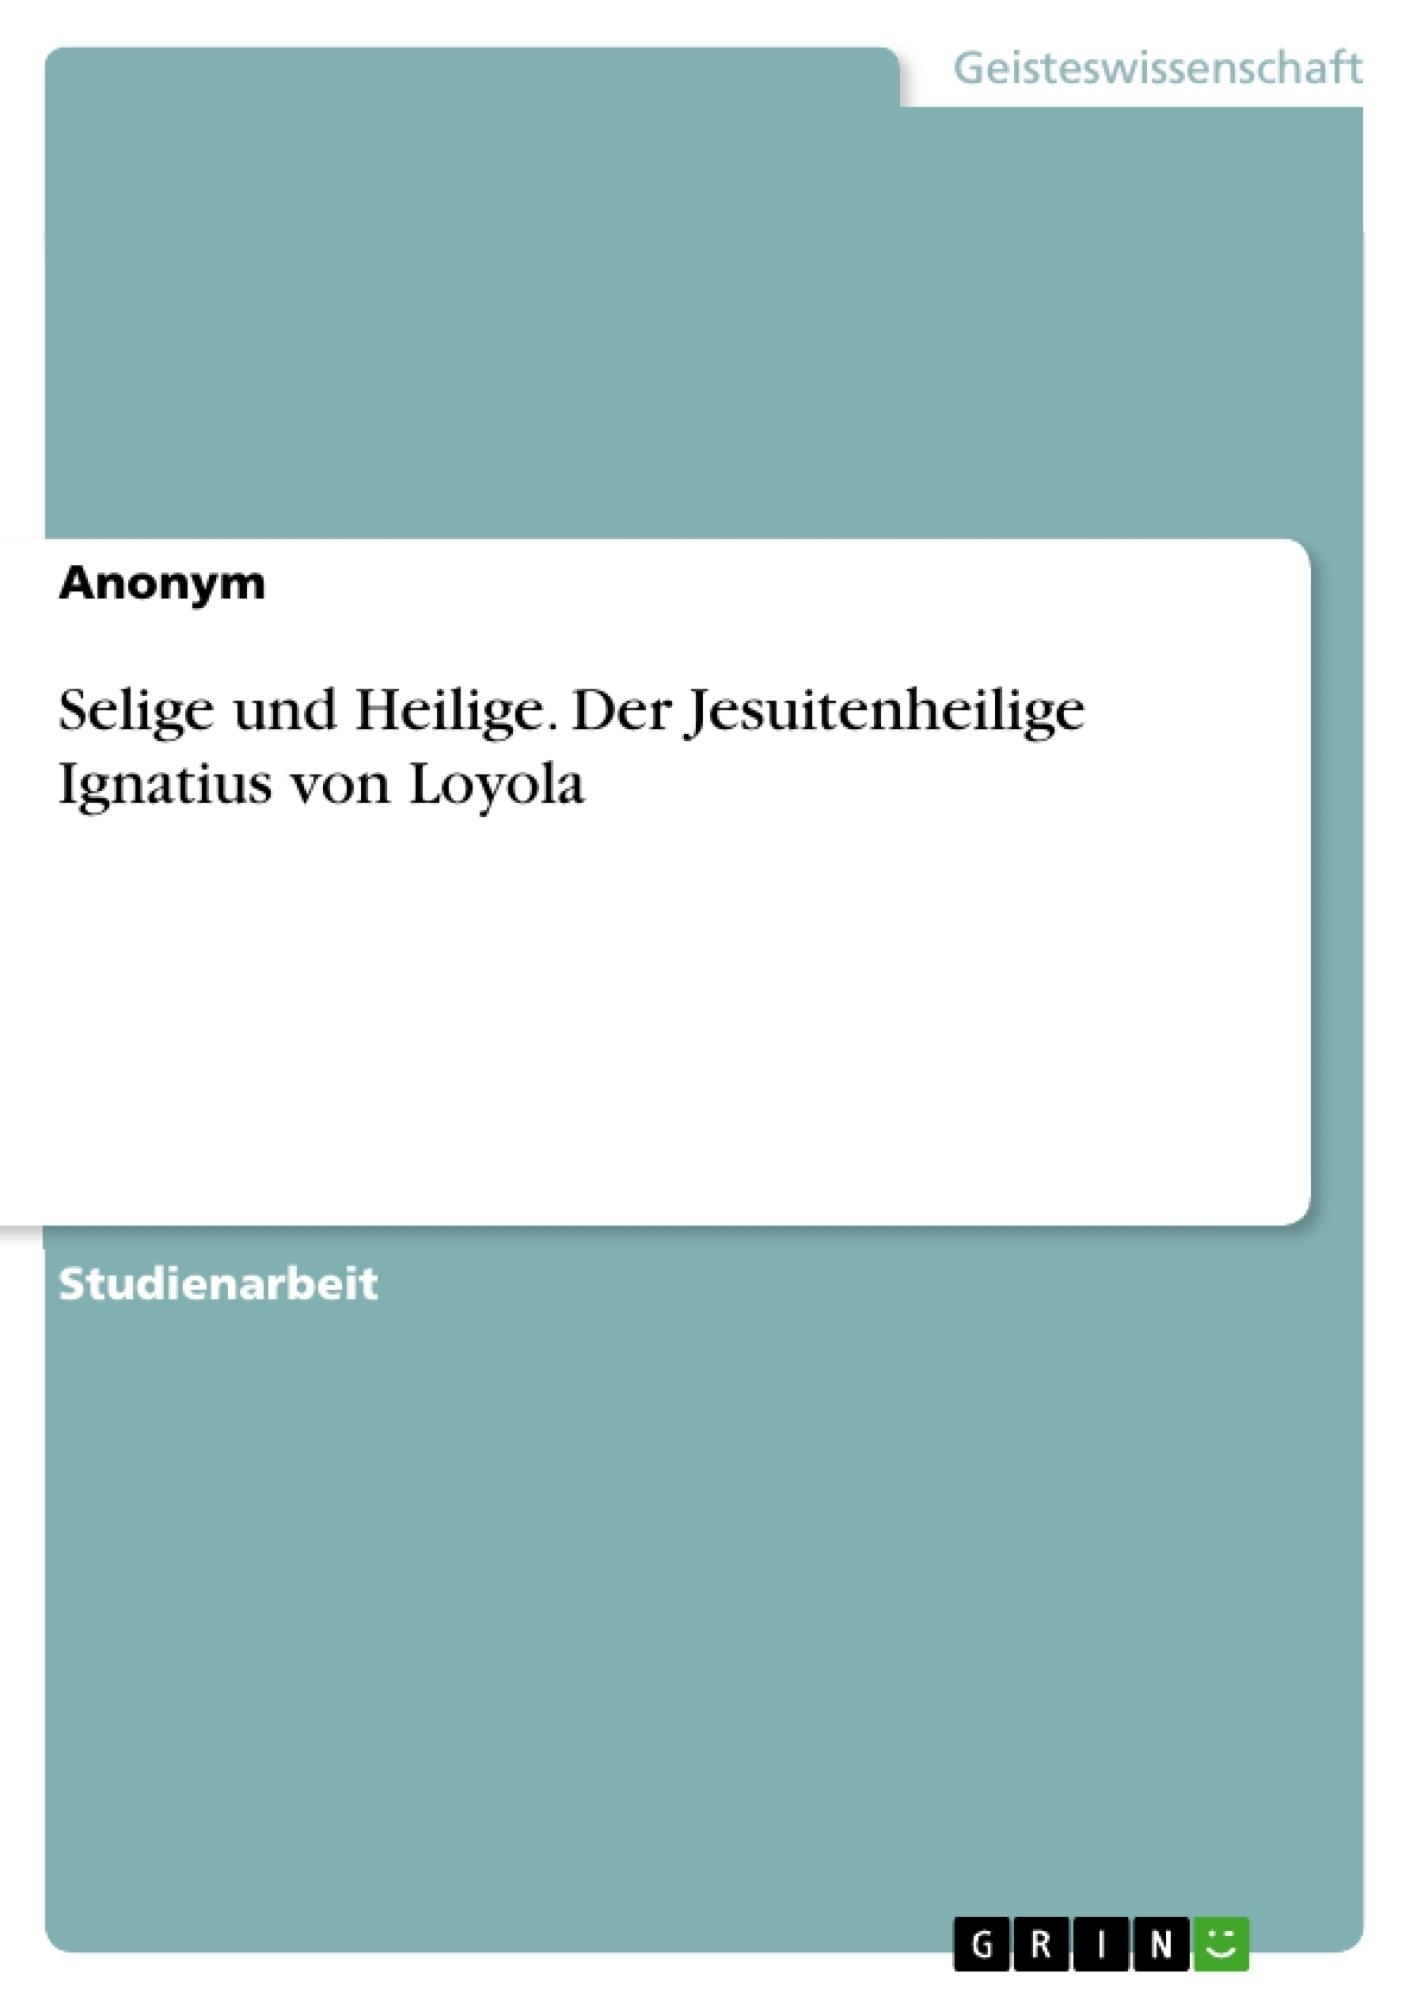 Titel: Selige und Heilige. Der Jesuitenheilige Ignatius von Loyola